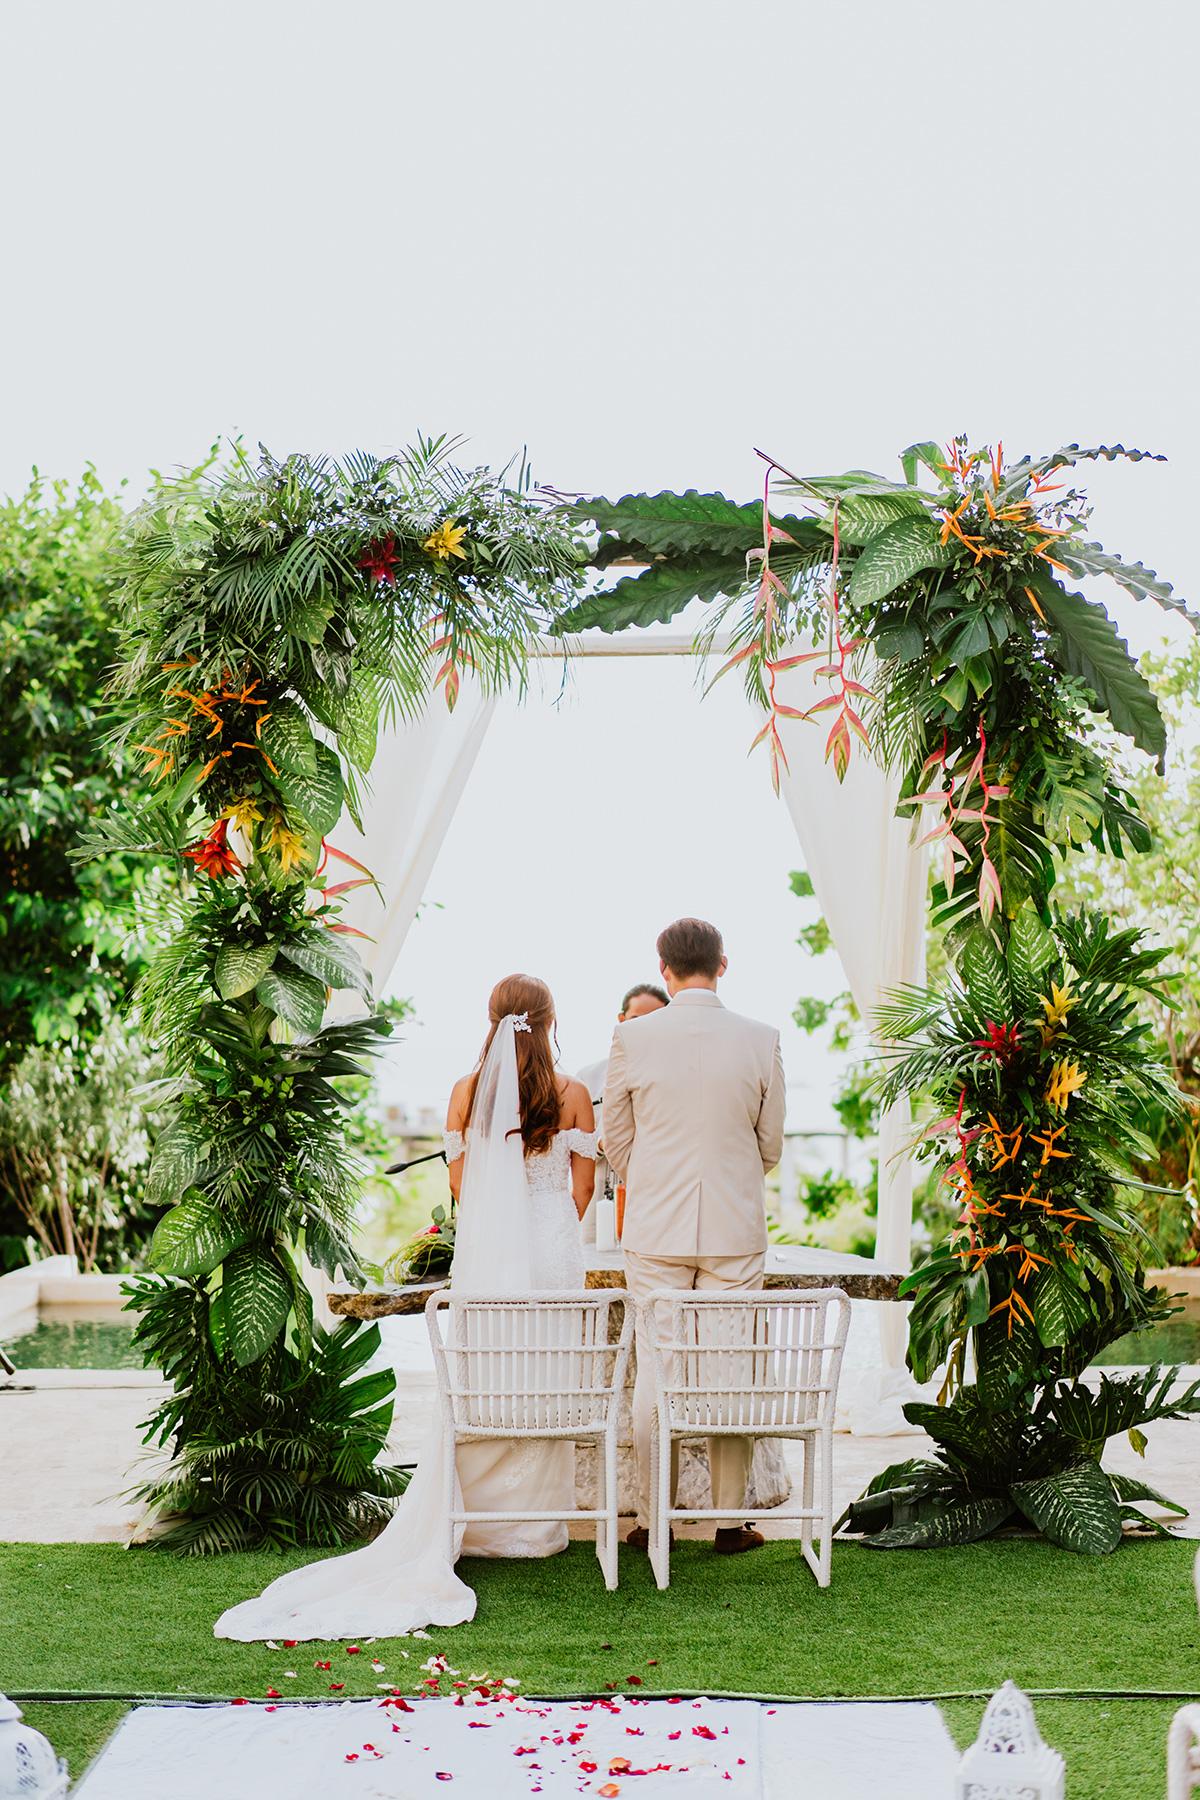 Discovery-Shores-Boracay-wedding-025